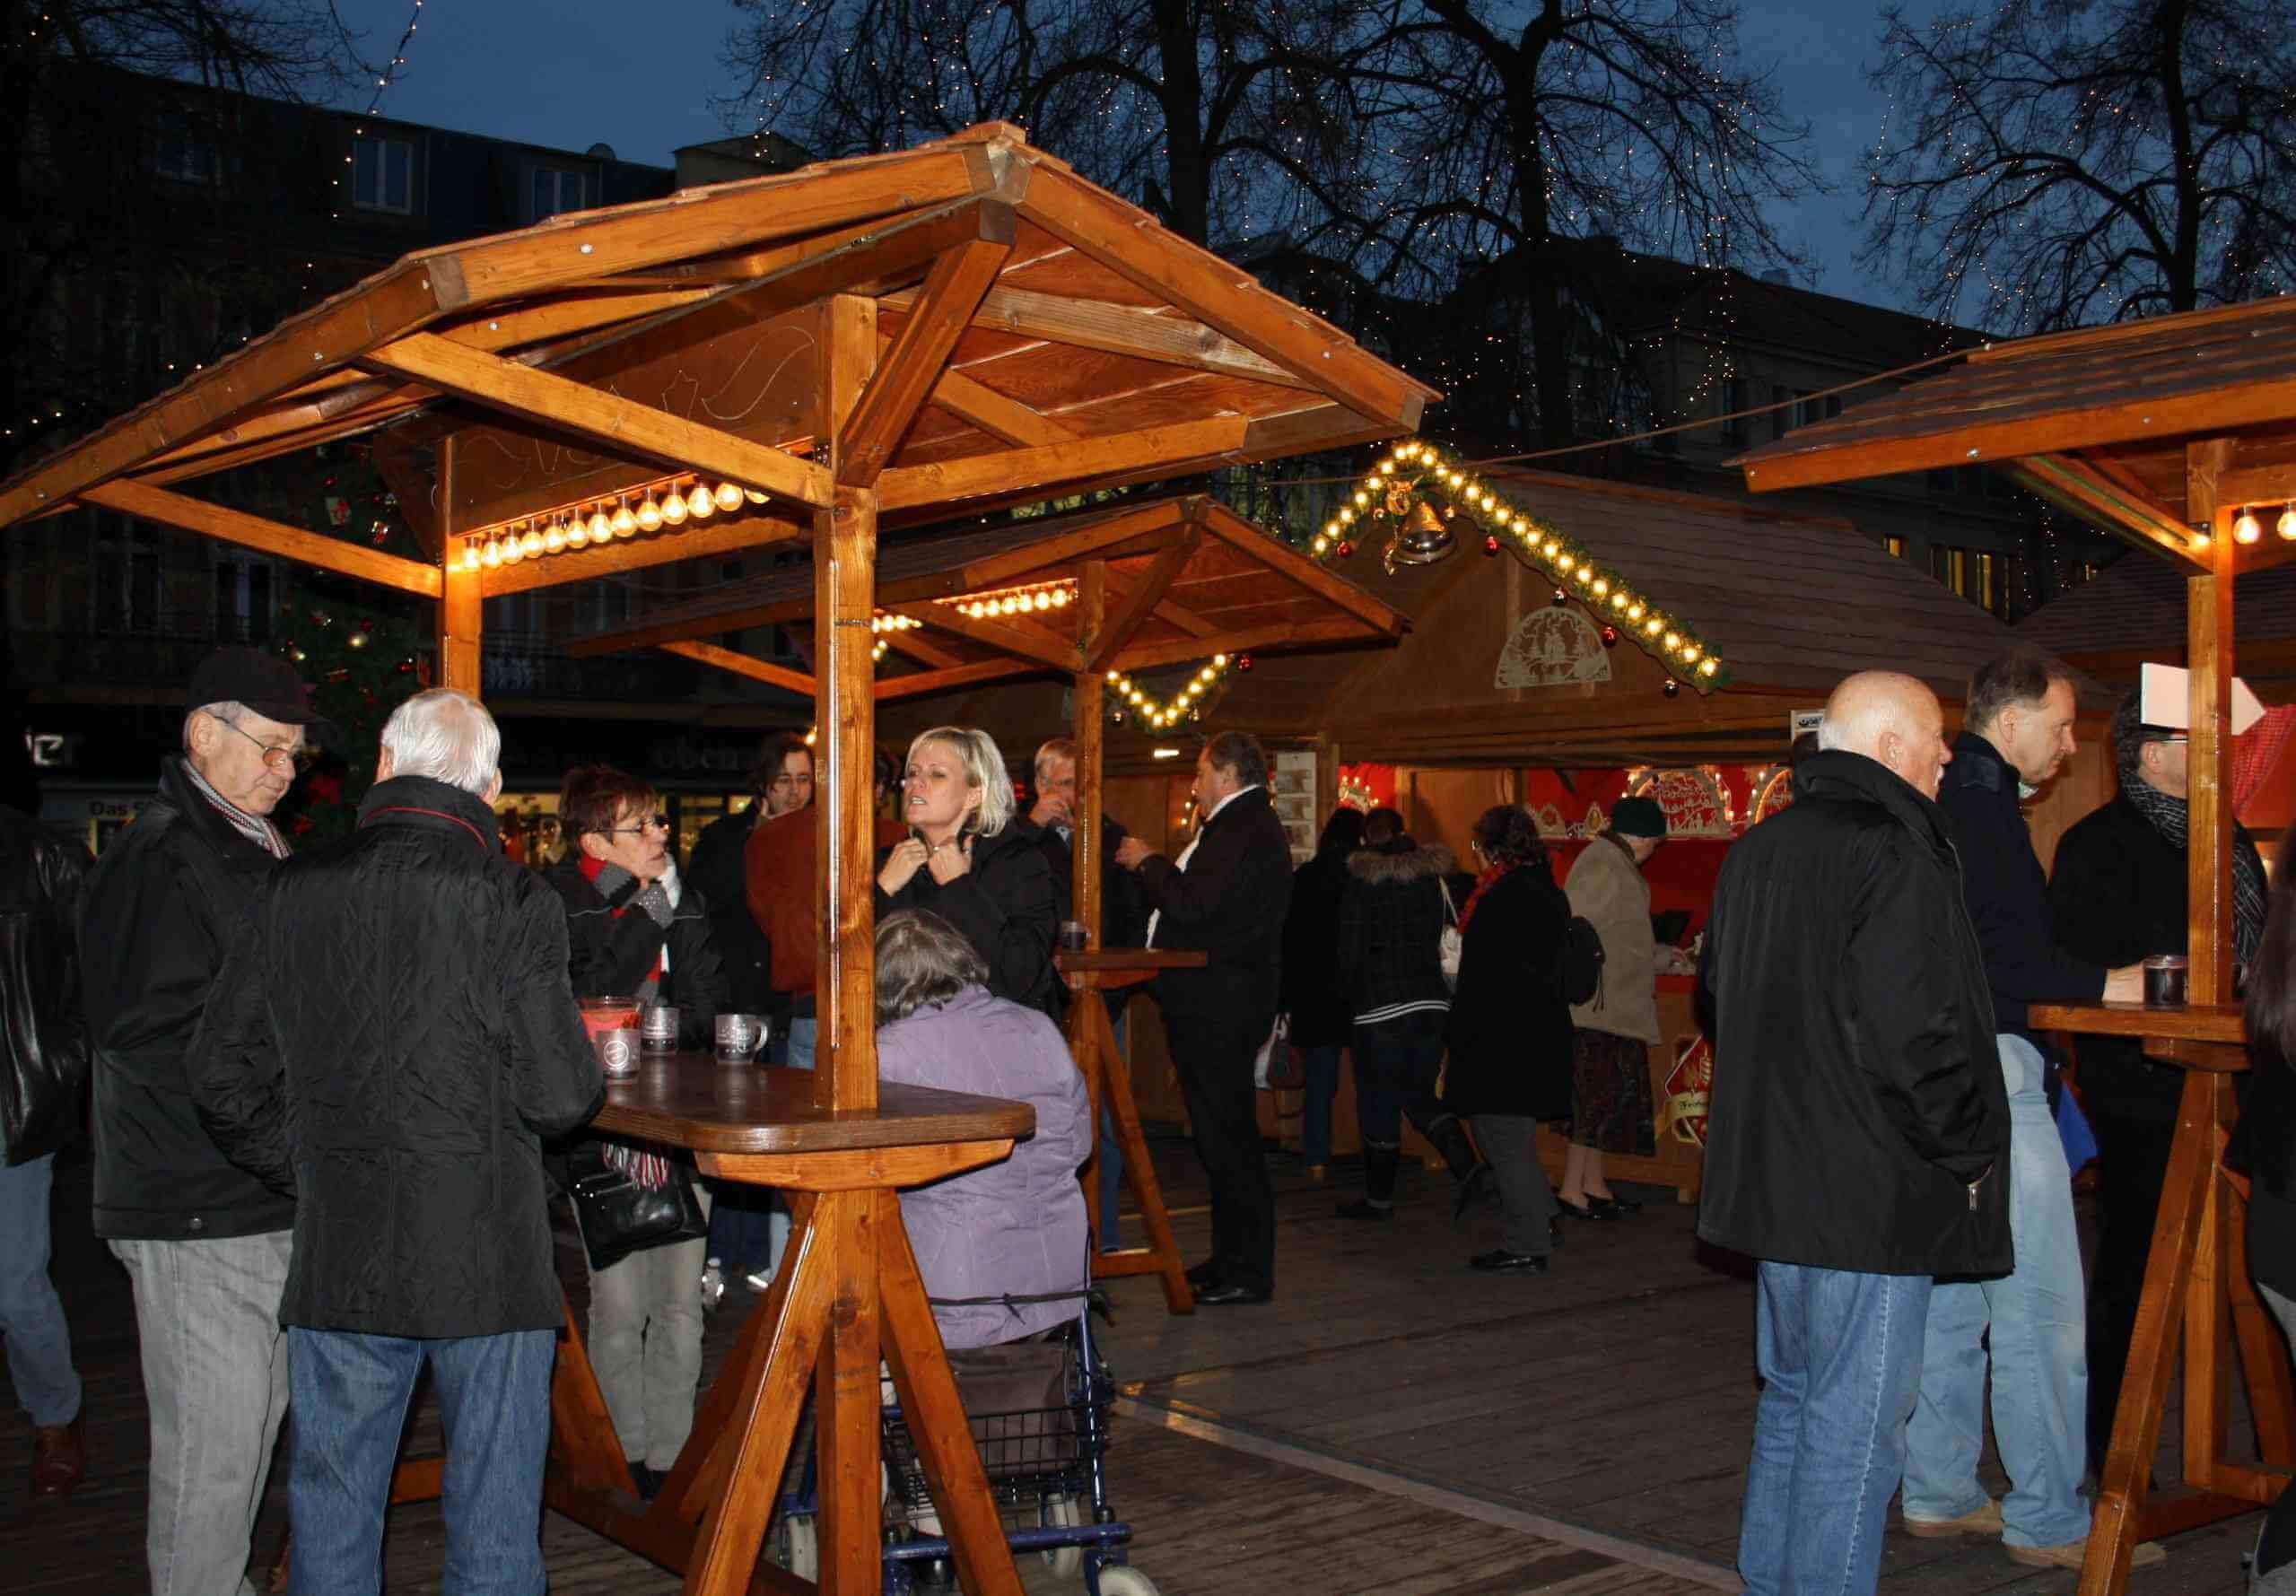 Weihnachtsmarkt übersicht.Weihnachten Kann Kommen Weihnachtsmarkt In Zehlendorf Eröffnet